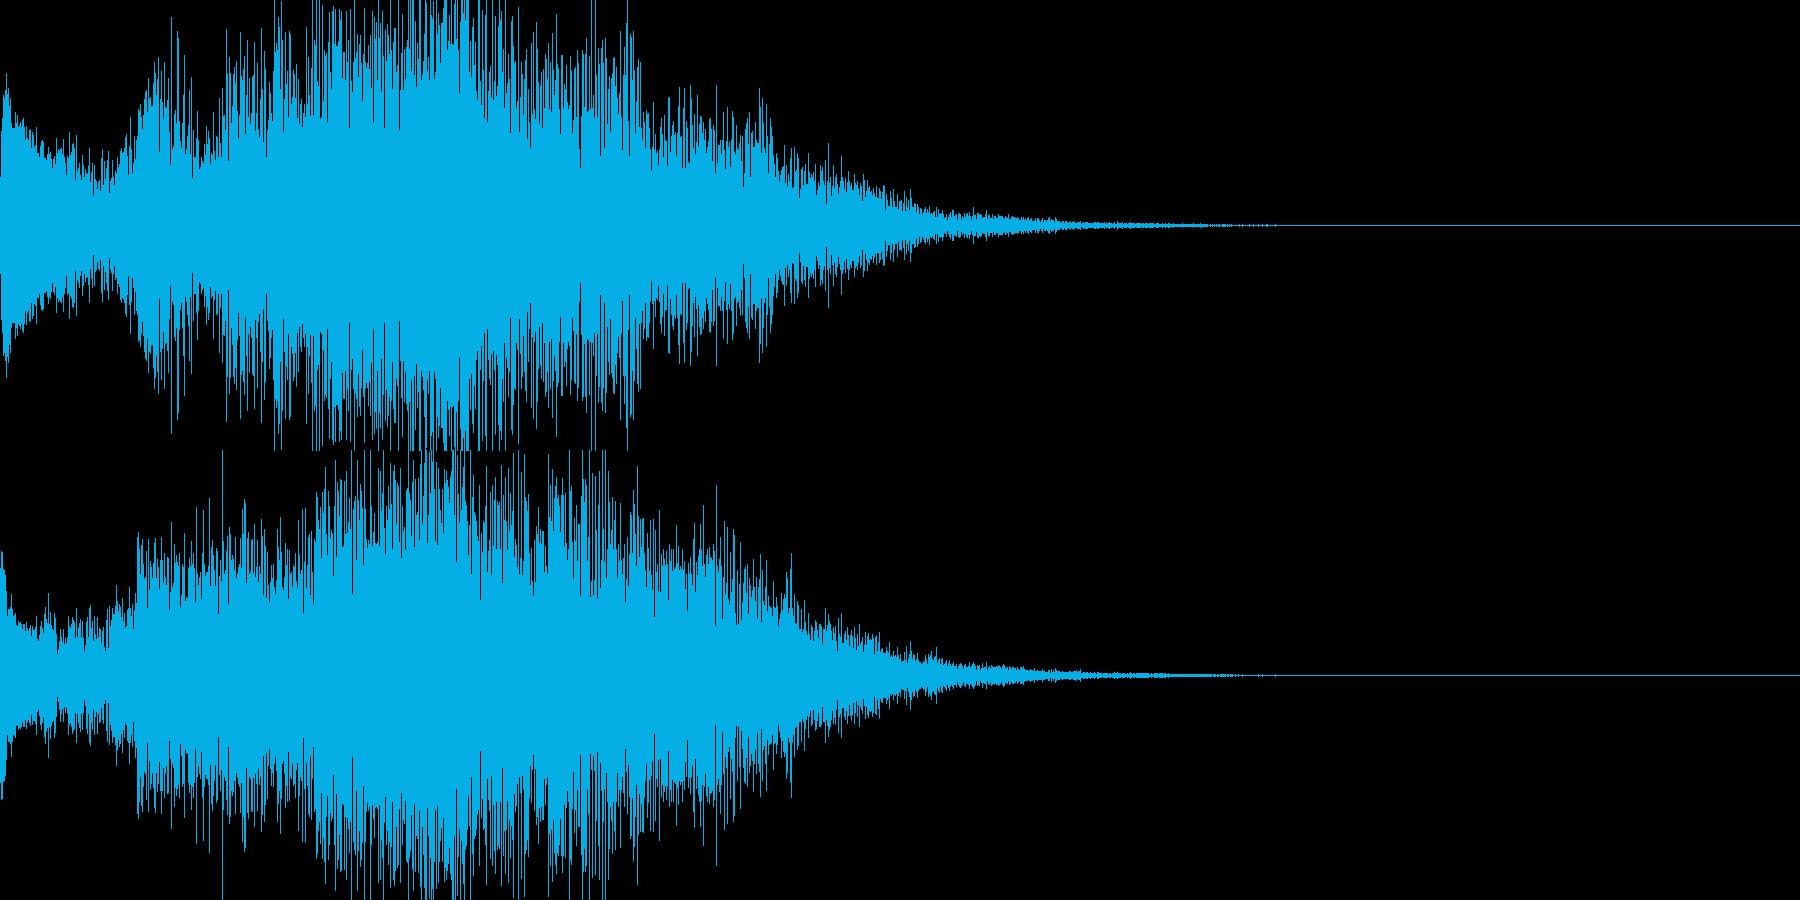 アンビ感のあるサウンドロゴの再生済みの波形